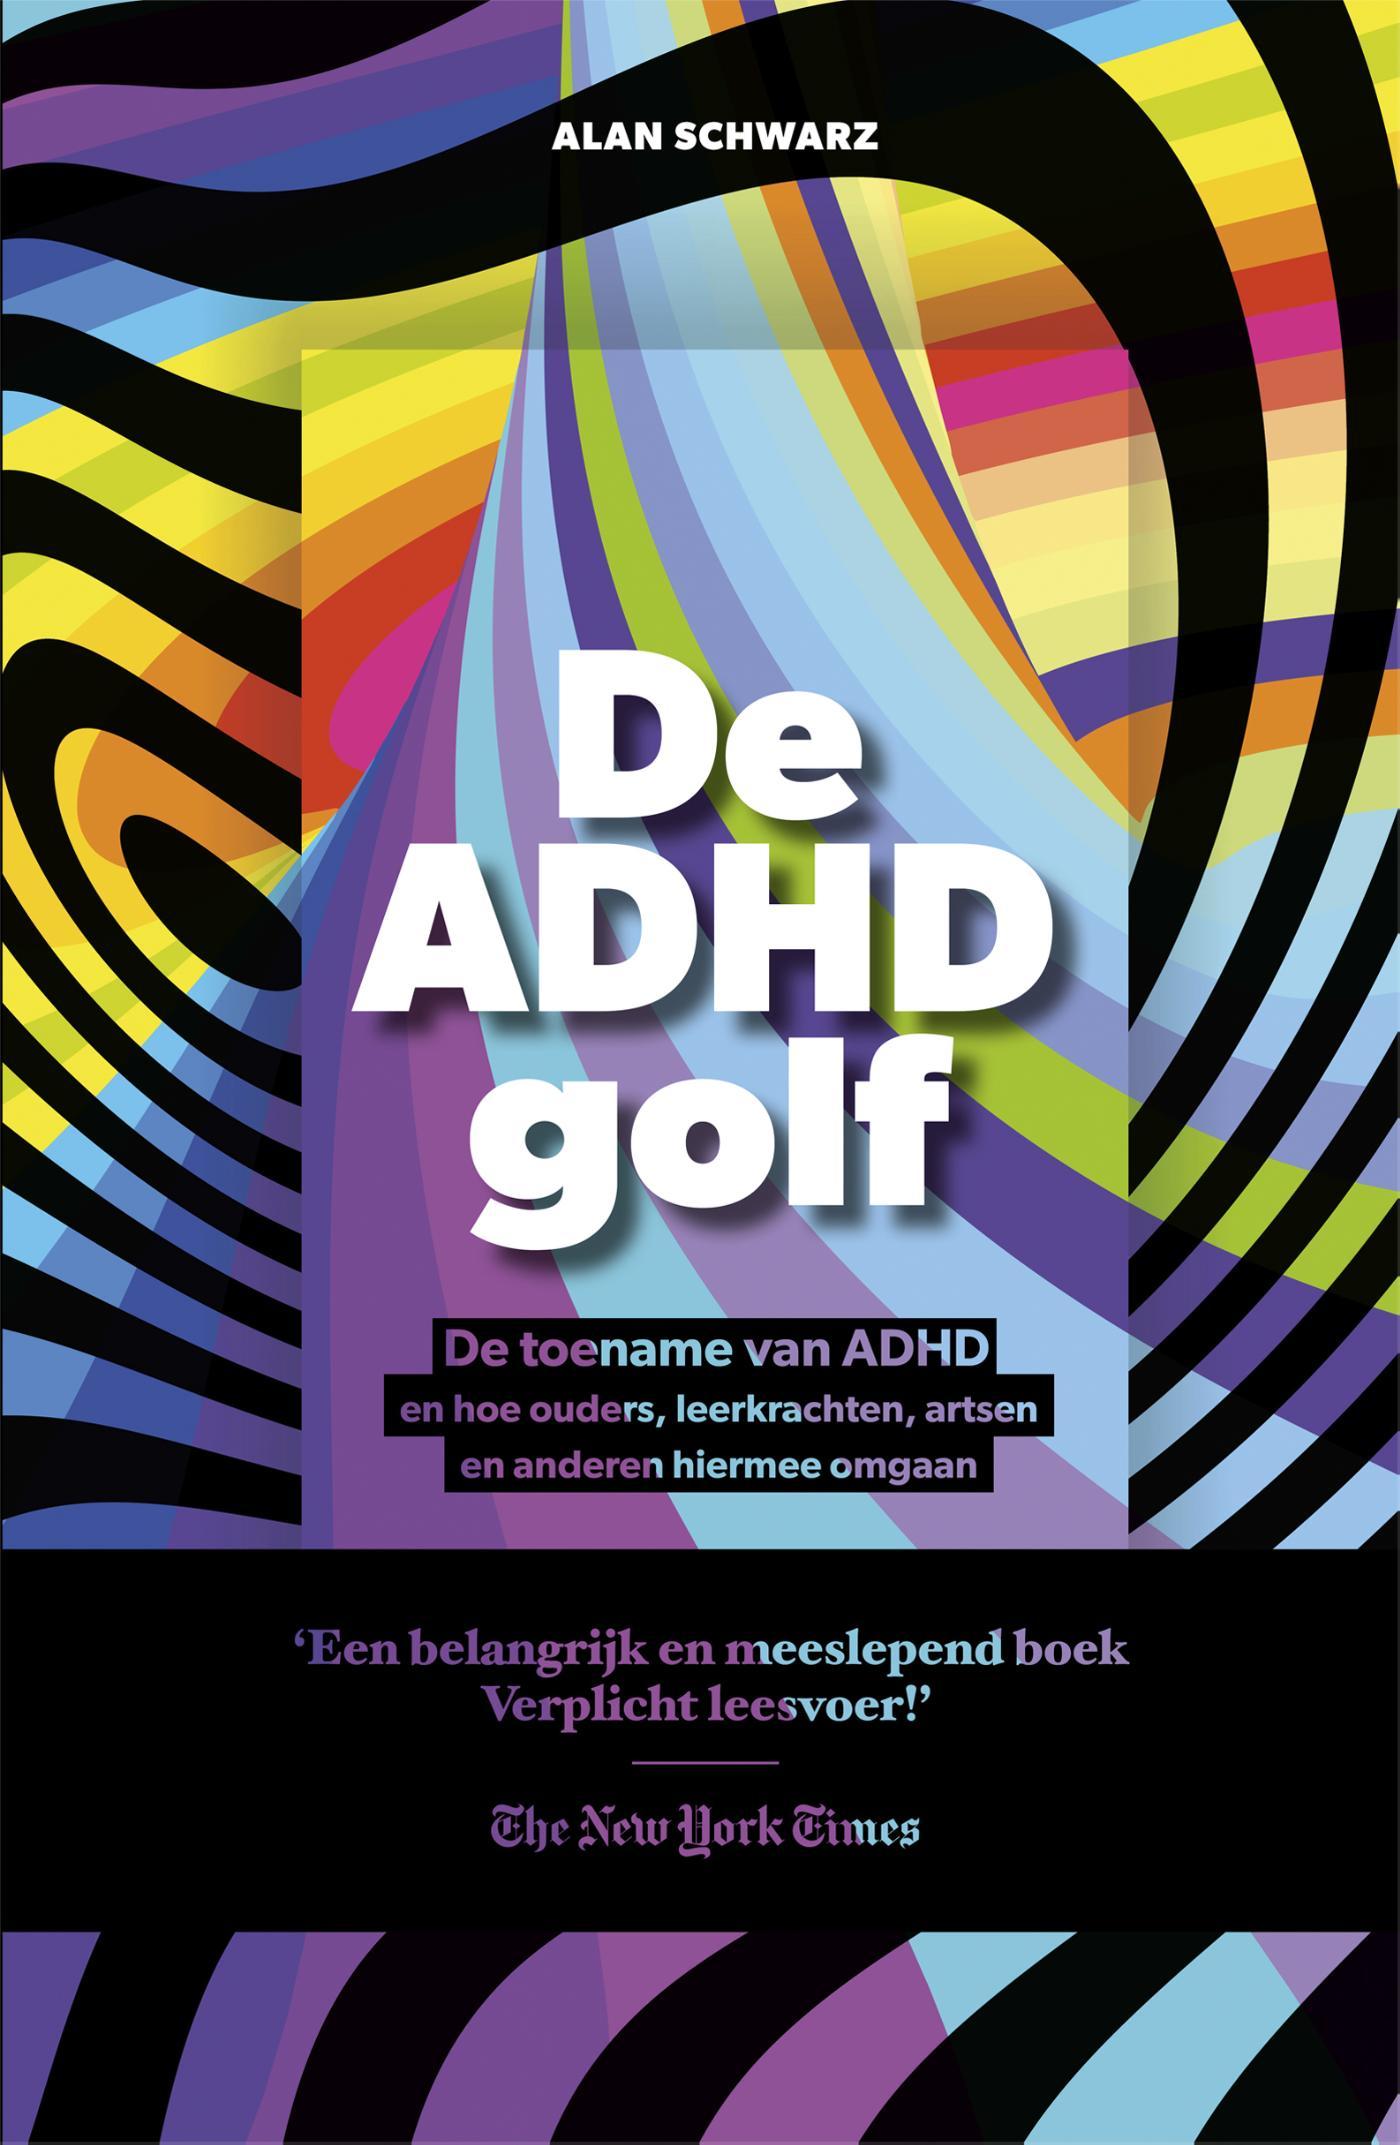 De ADHD golf